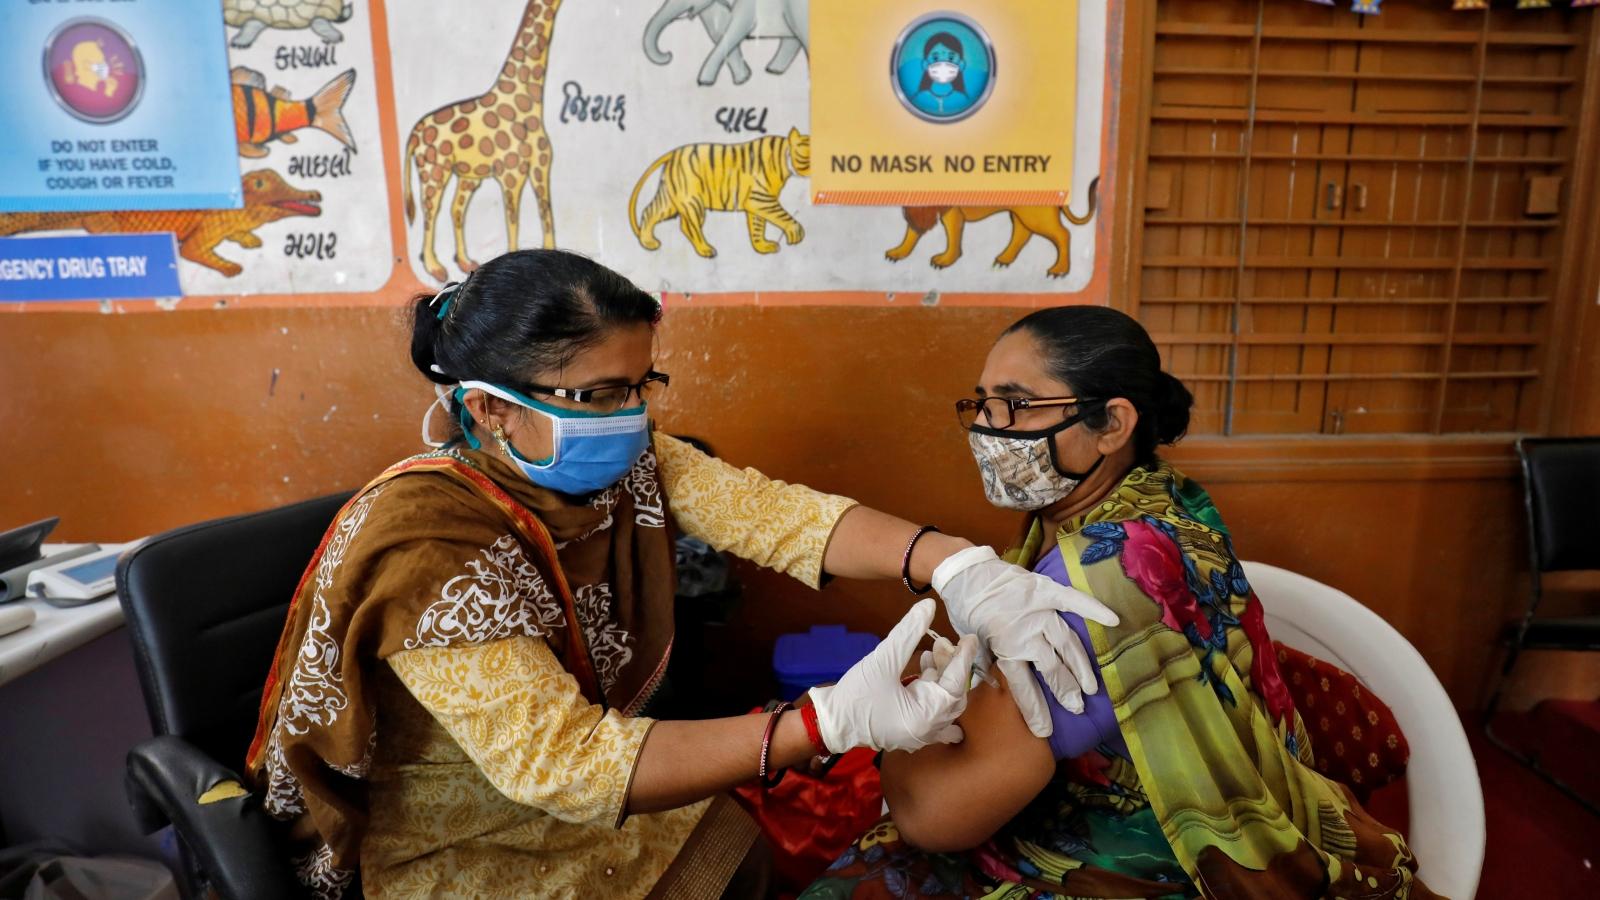 Ấn Độ tiêm đủ 2 mũi vaccine Covid-19 cho 340.000 nhân viên y tế